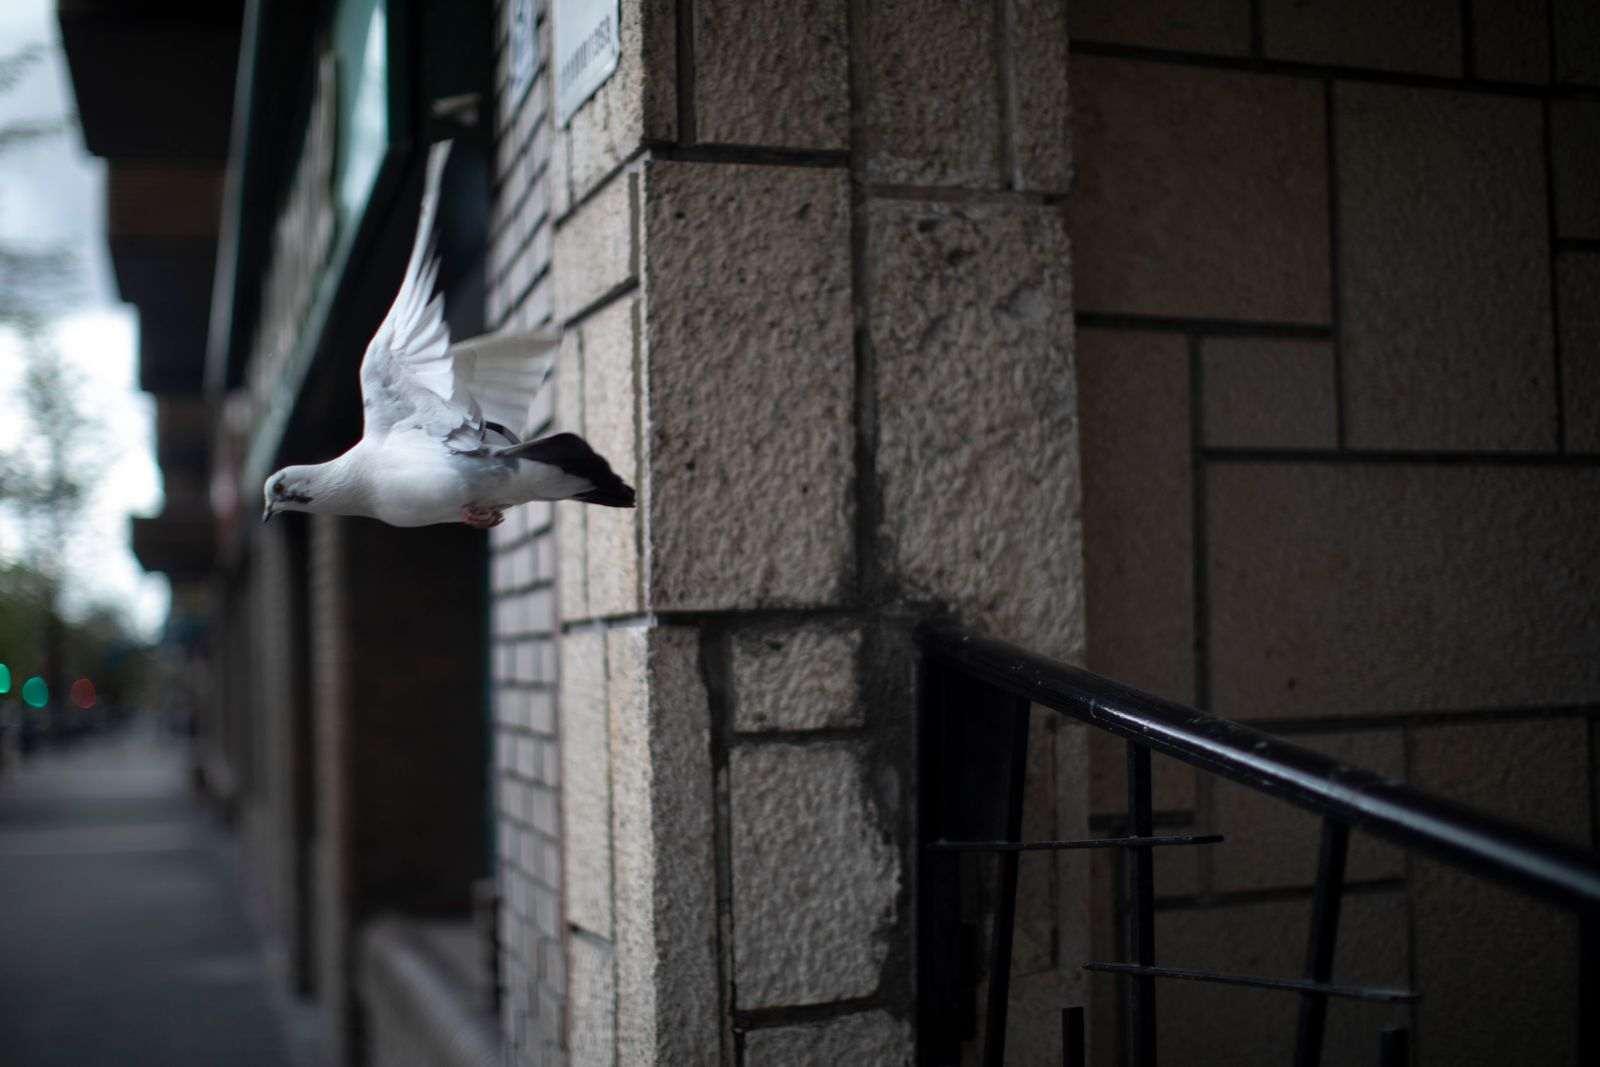 Confinamiento en Madrid: una ciudad, distintas realidades